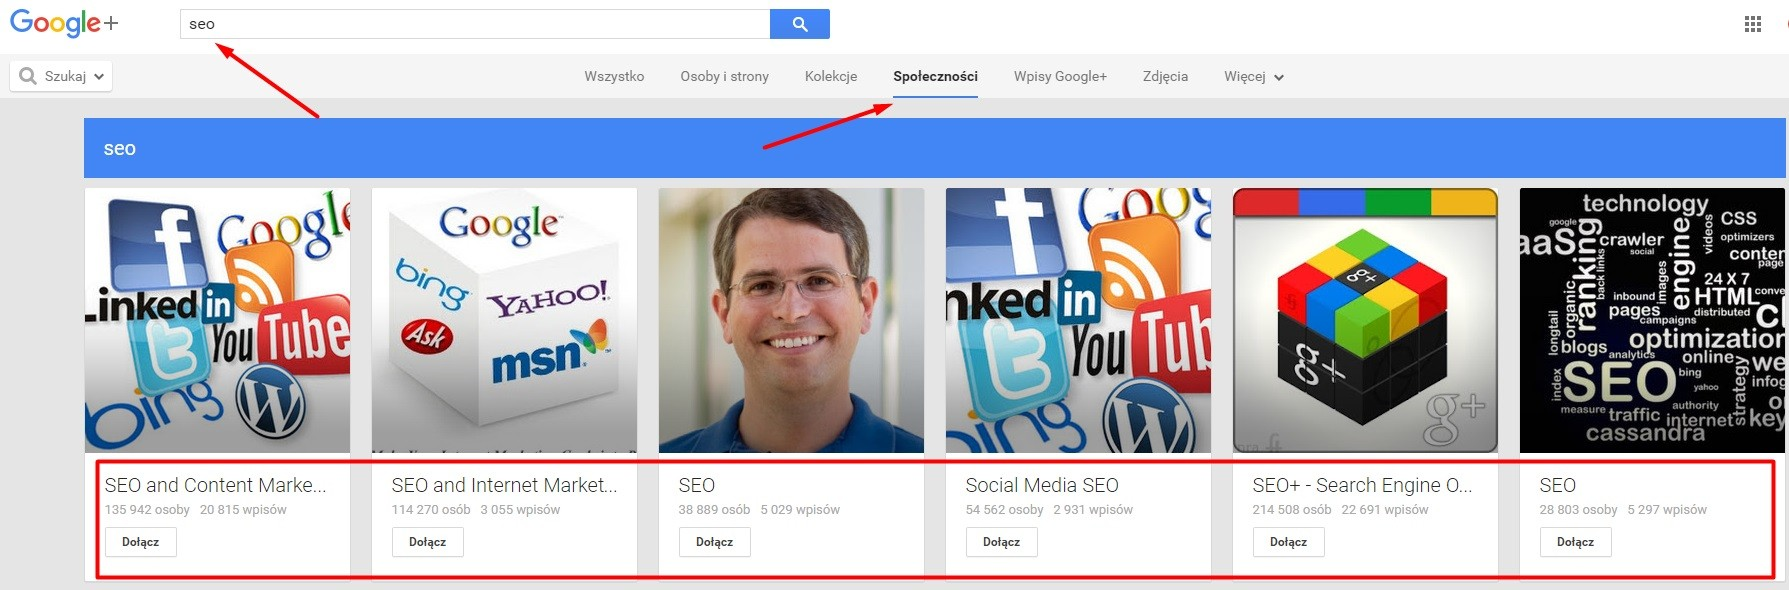 szukanie społeczności w Google Plus